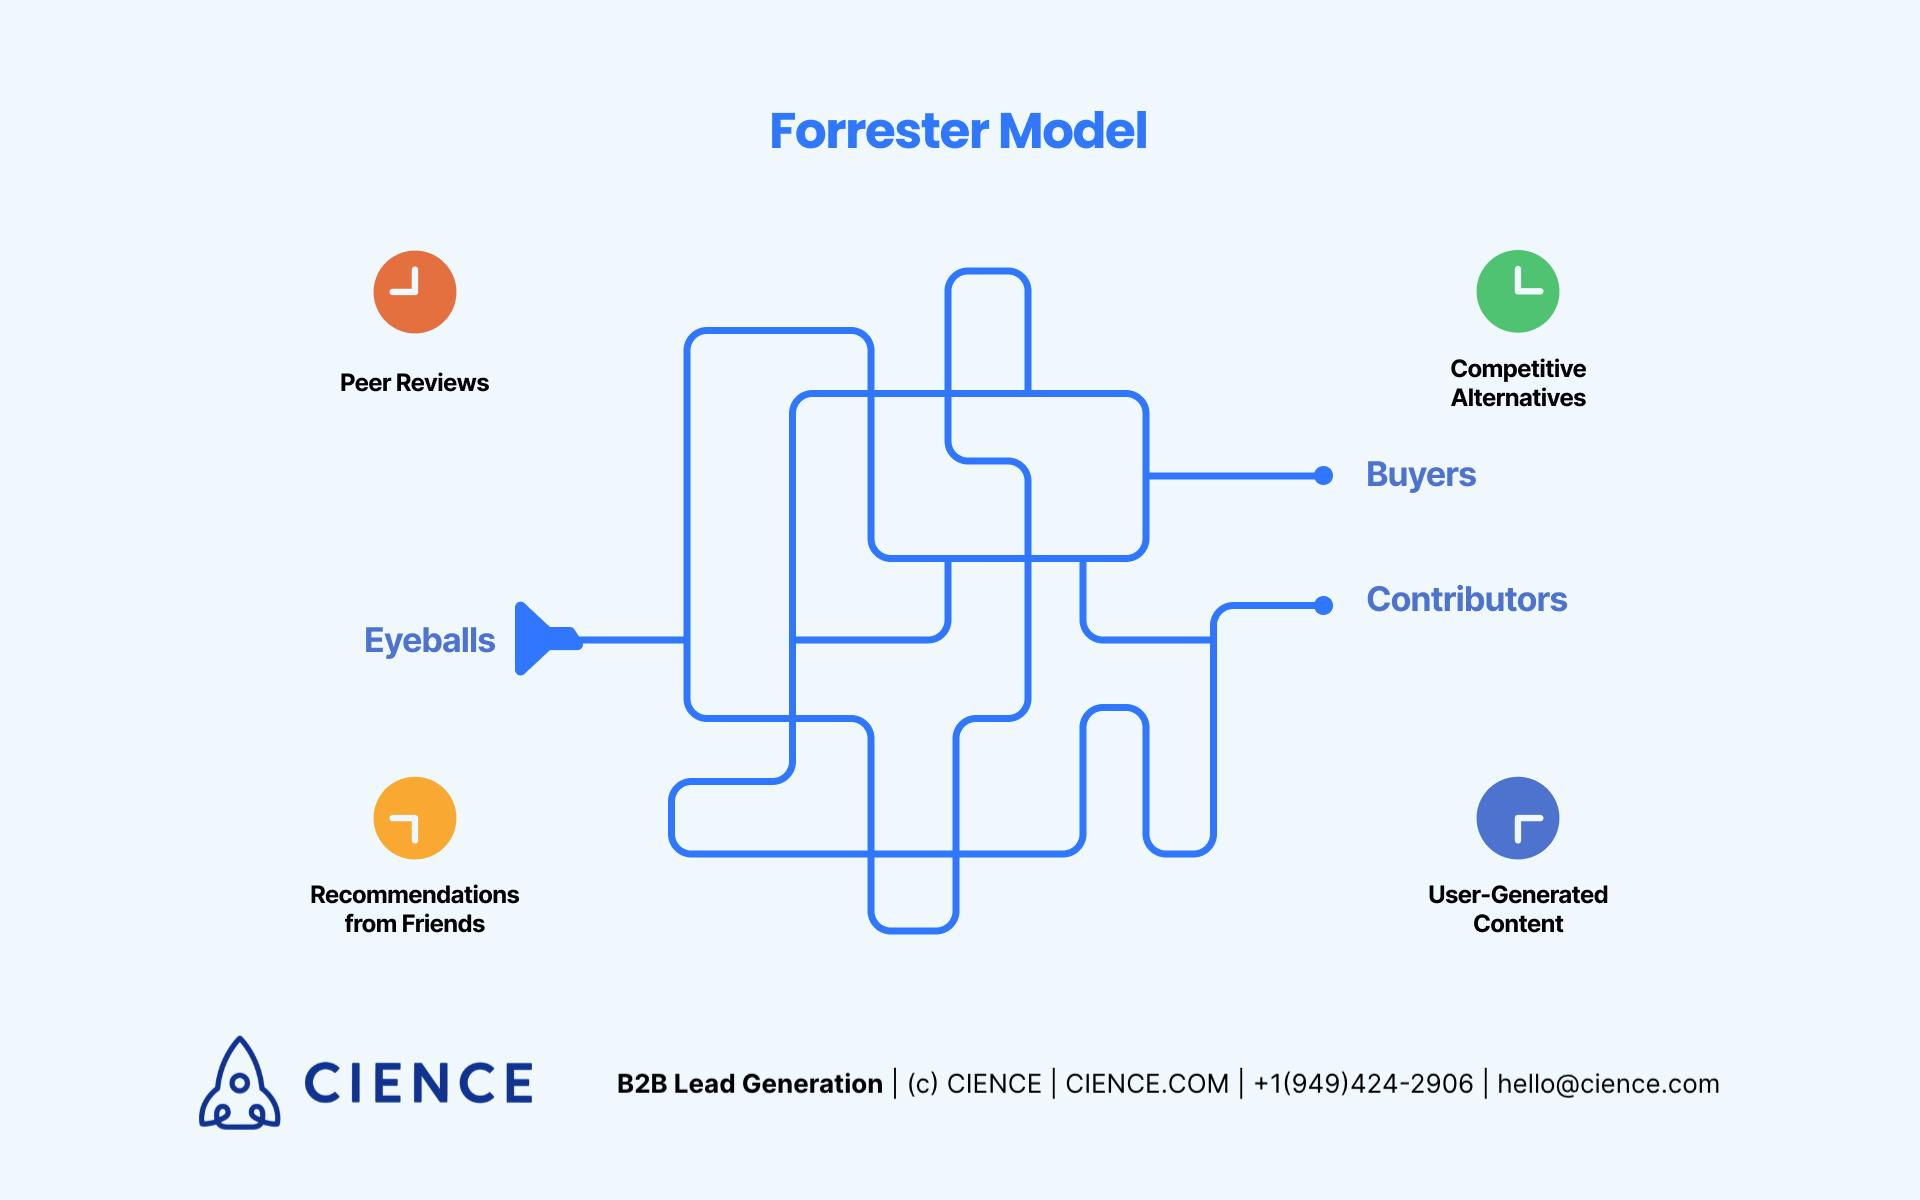 Forrester Model of Sales Funnel